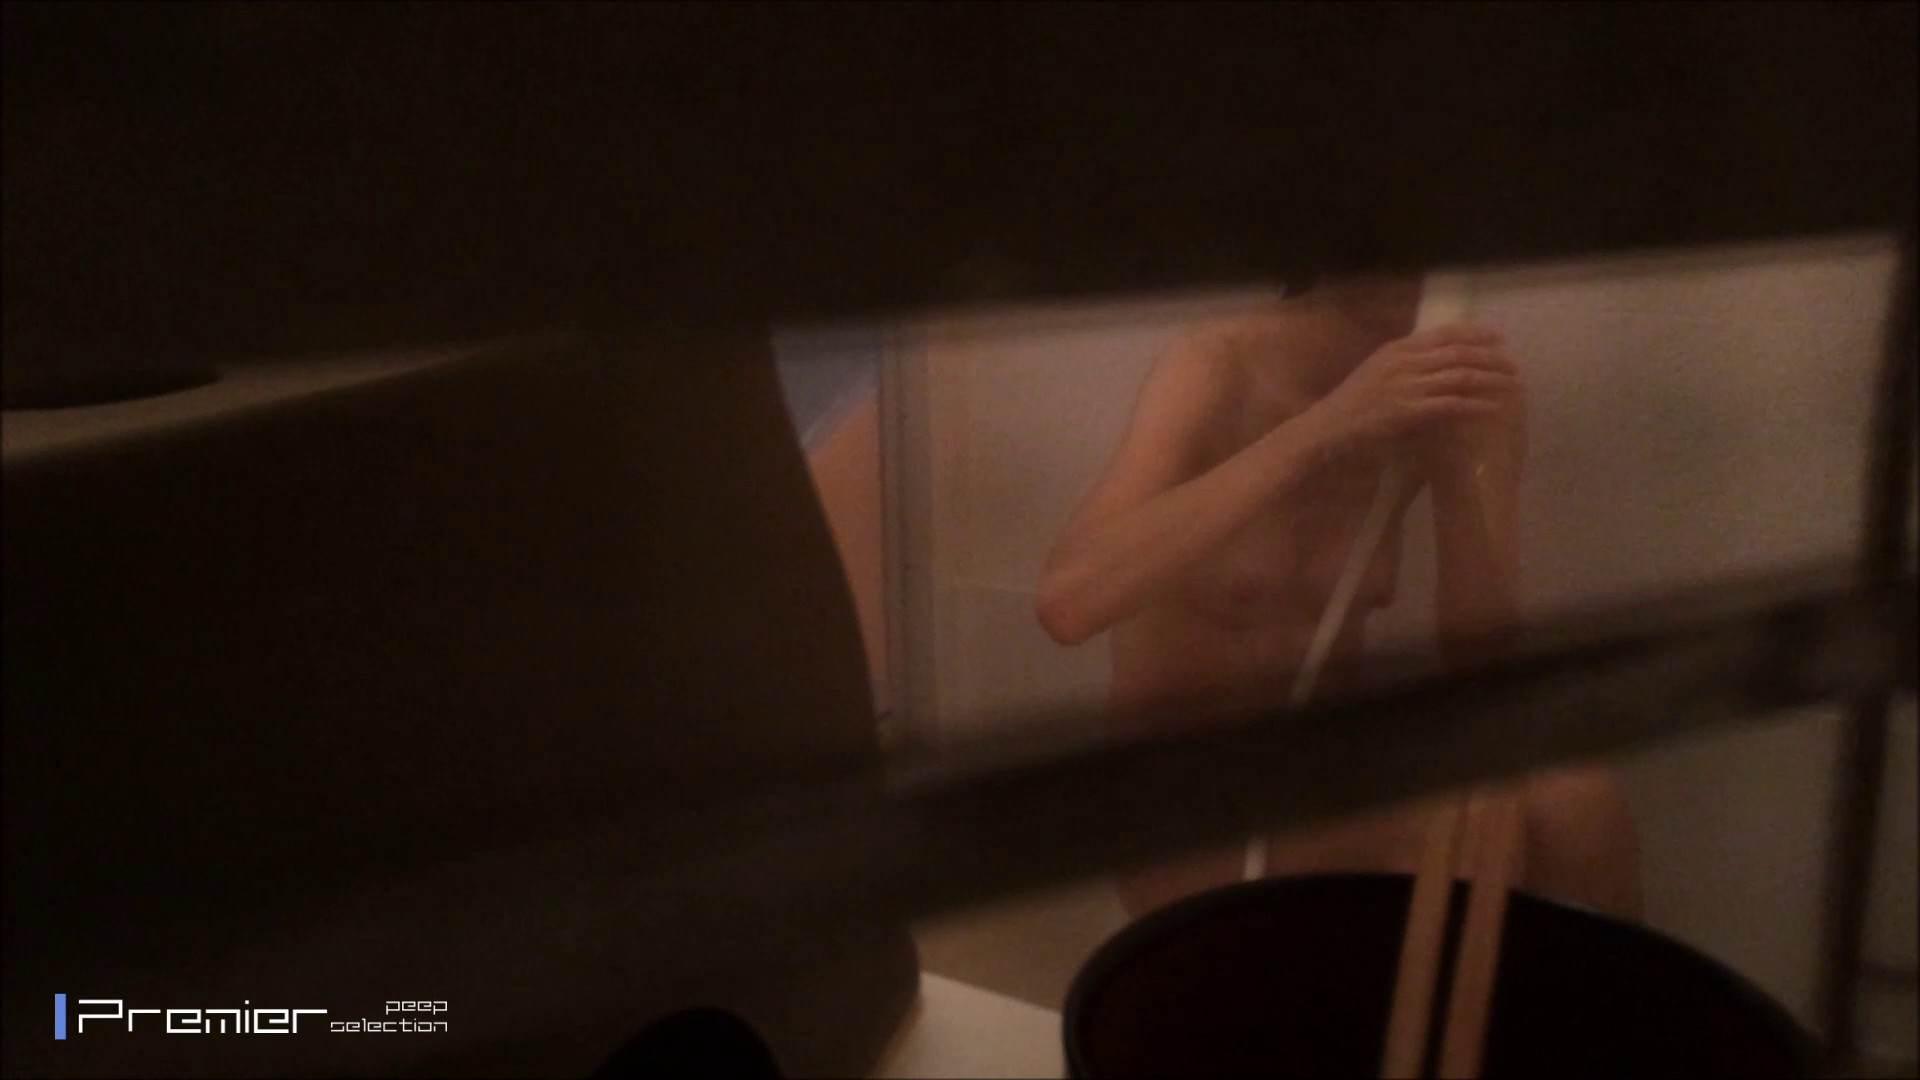 高画質フルハイビジョン スレンダー美女の入浴 乙女の風呂場 Vol.04 OLハメ撮り  94Pix 40